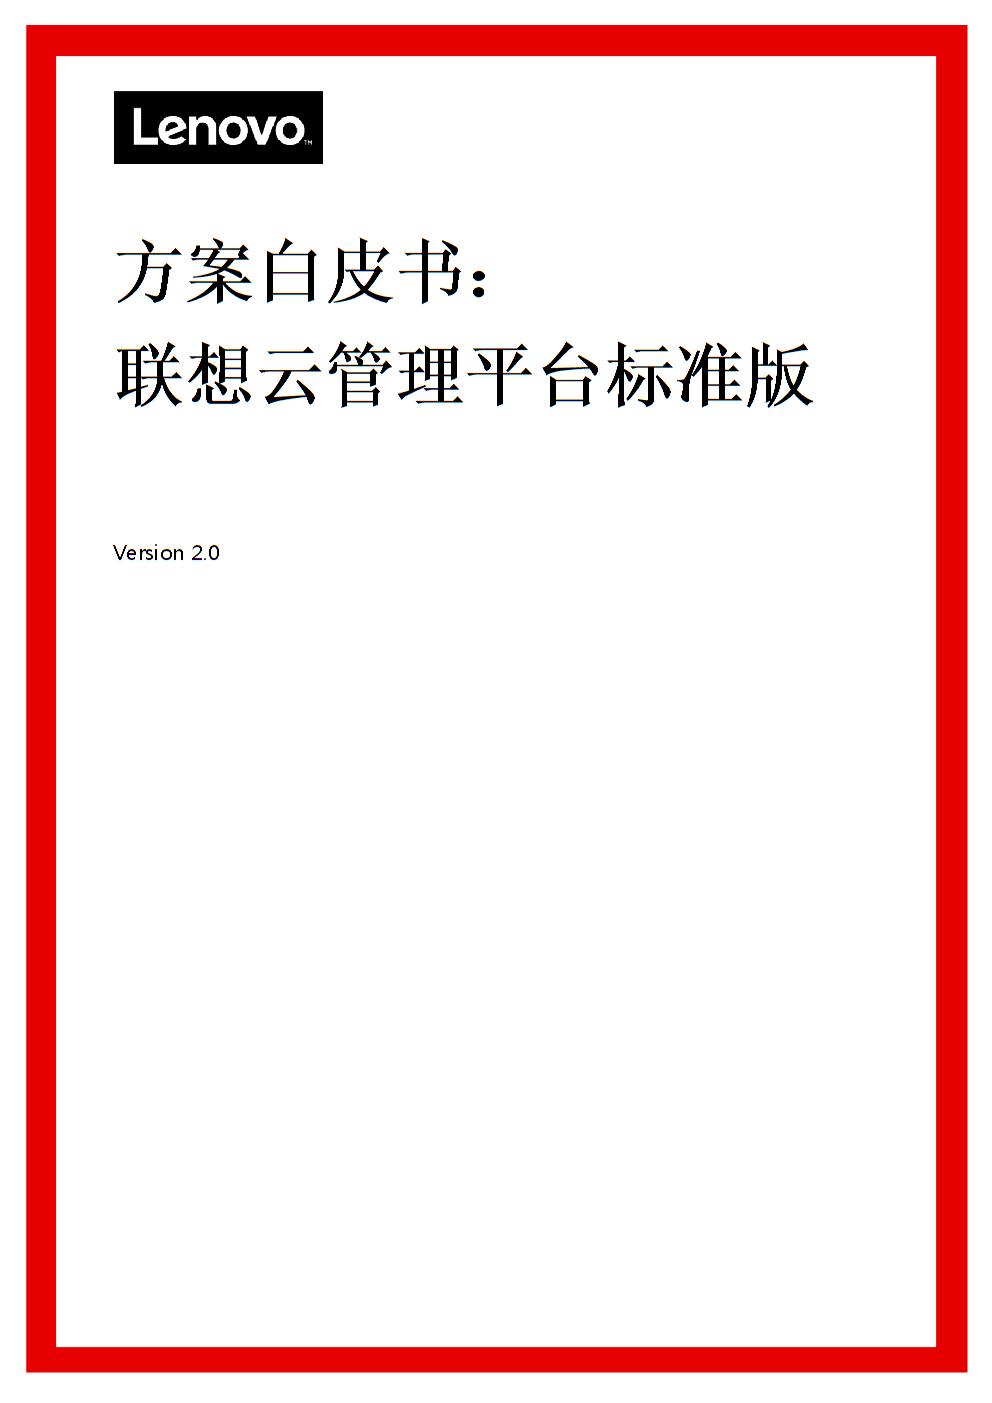 聯想云管理平臺標準版方案白皮書.docx